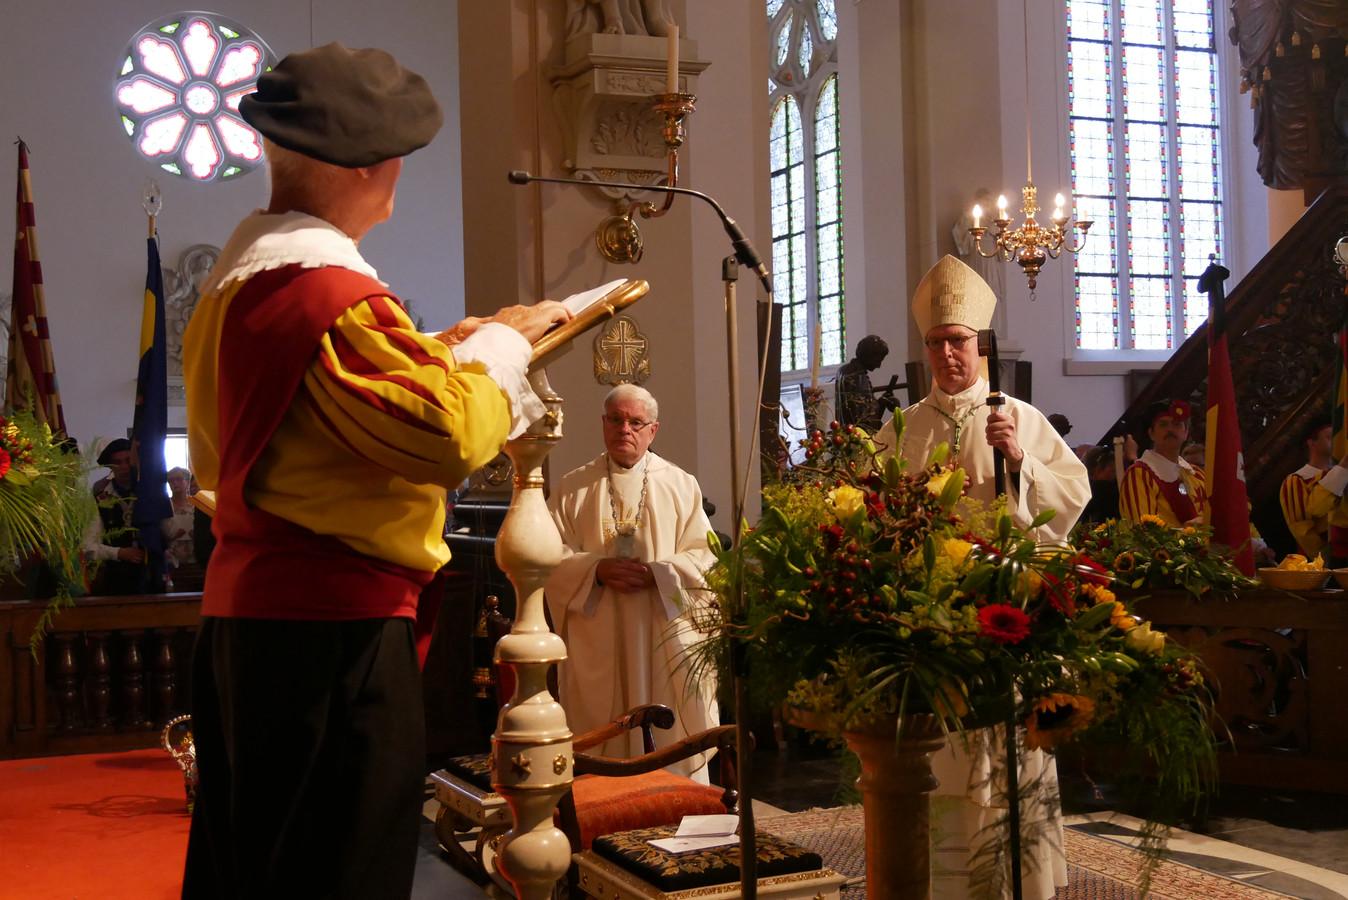 Van links naar rechts hoofdman Piet Vromans van Sint Joris, pastoor Godfried Looyaard en bisschop Gerard de Korte tijdens de viering in Sint Lambertus kerk.